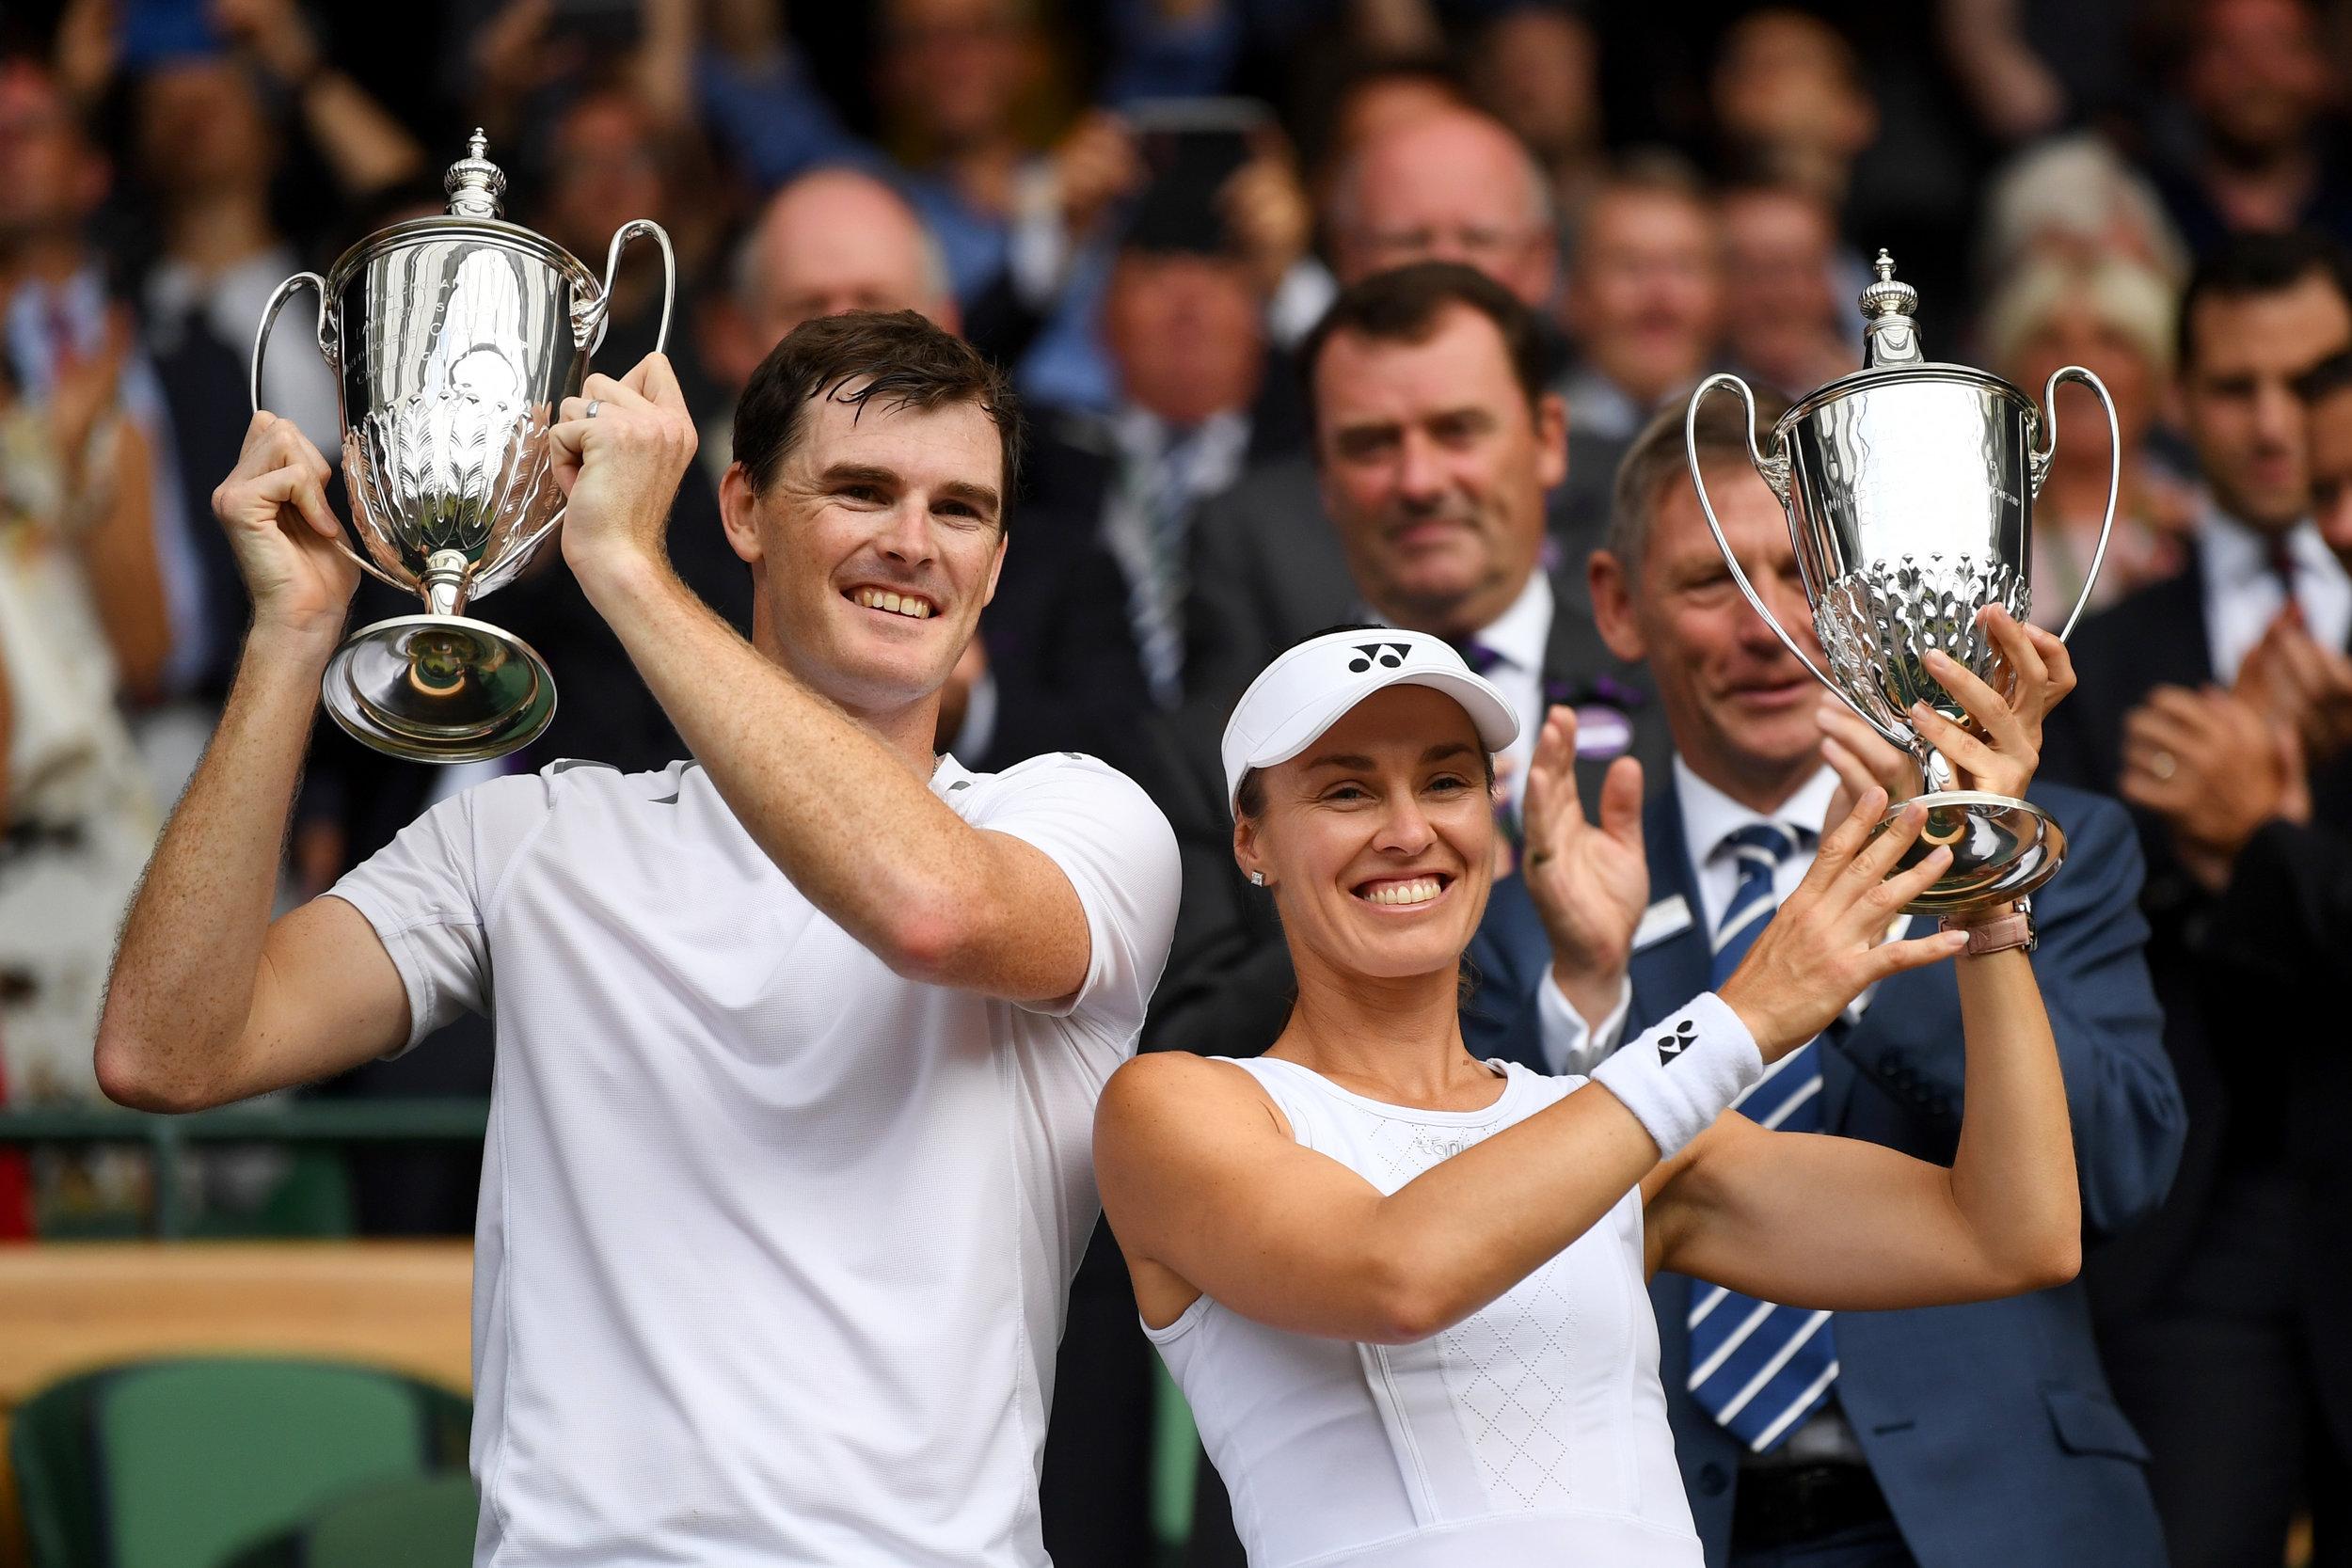 Wimbledon 2017 - w' Martina Hingis - GettyImages-815554436.jpg